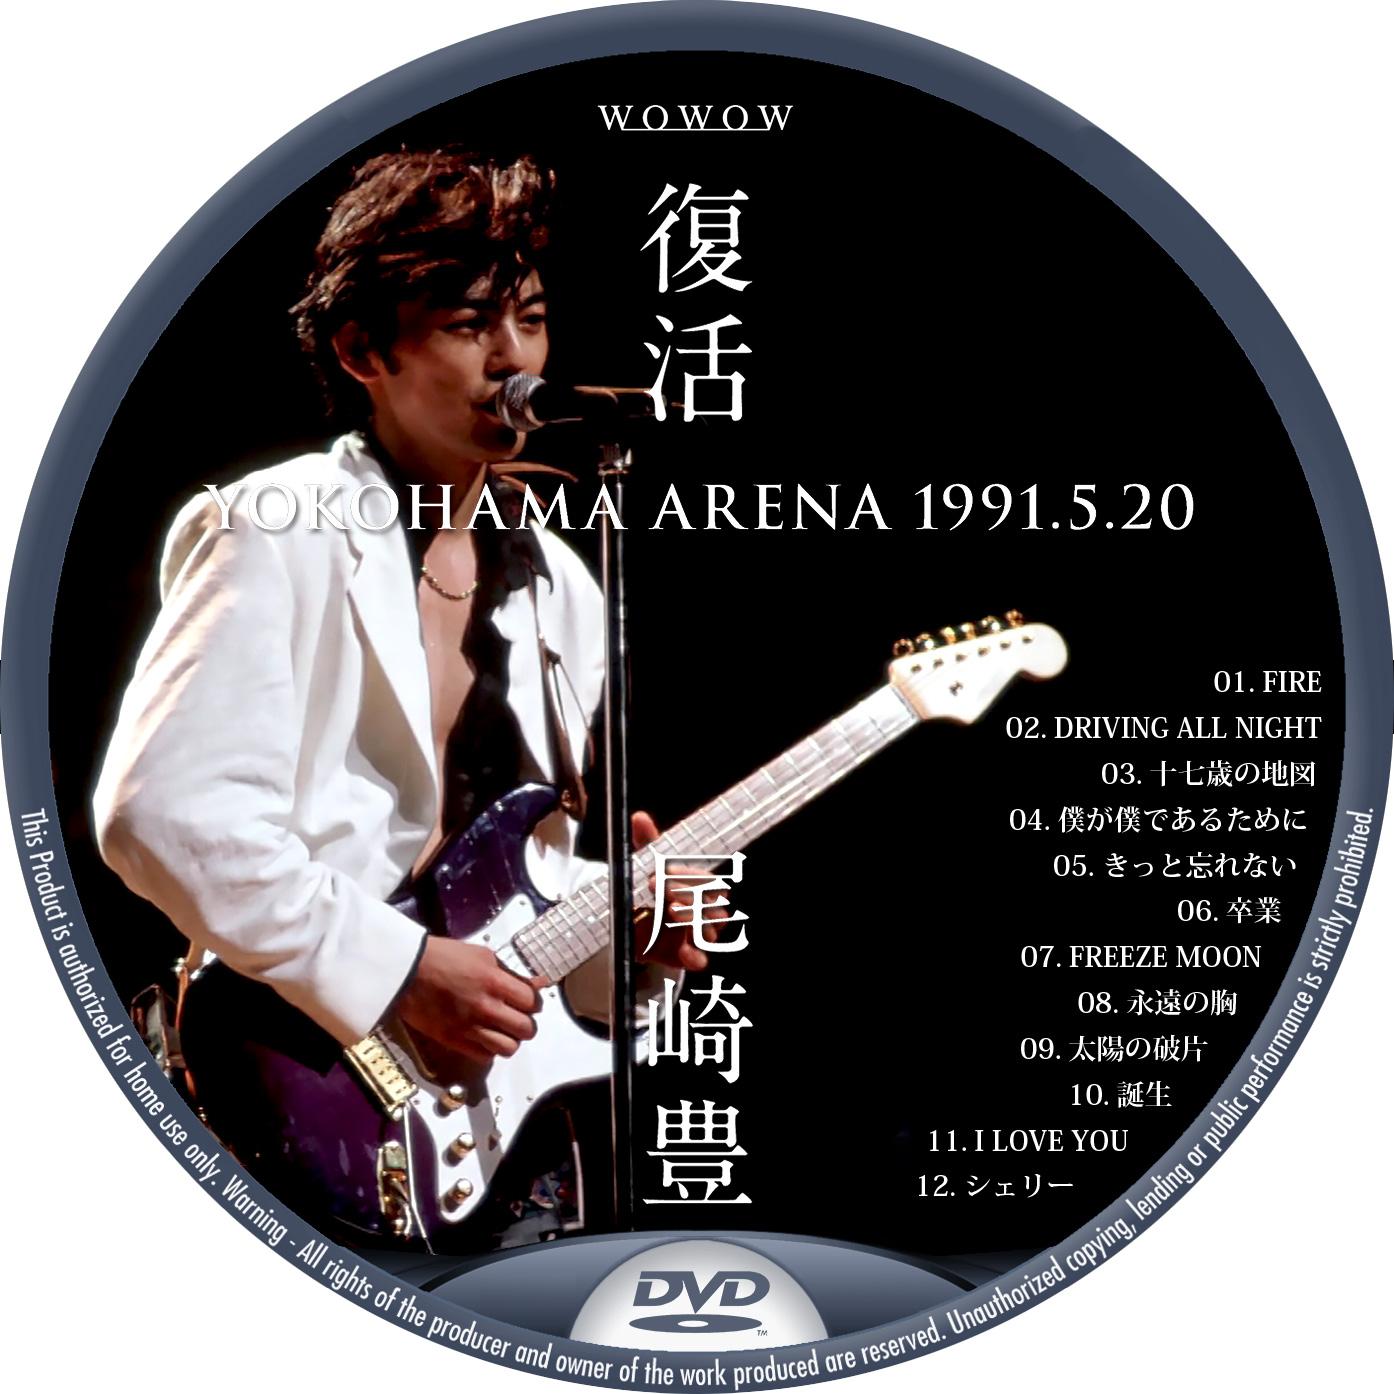 横浜アリーナ WOWOW DVDラベル